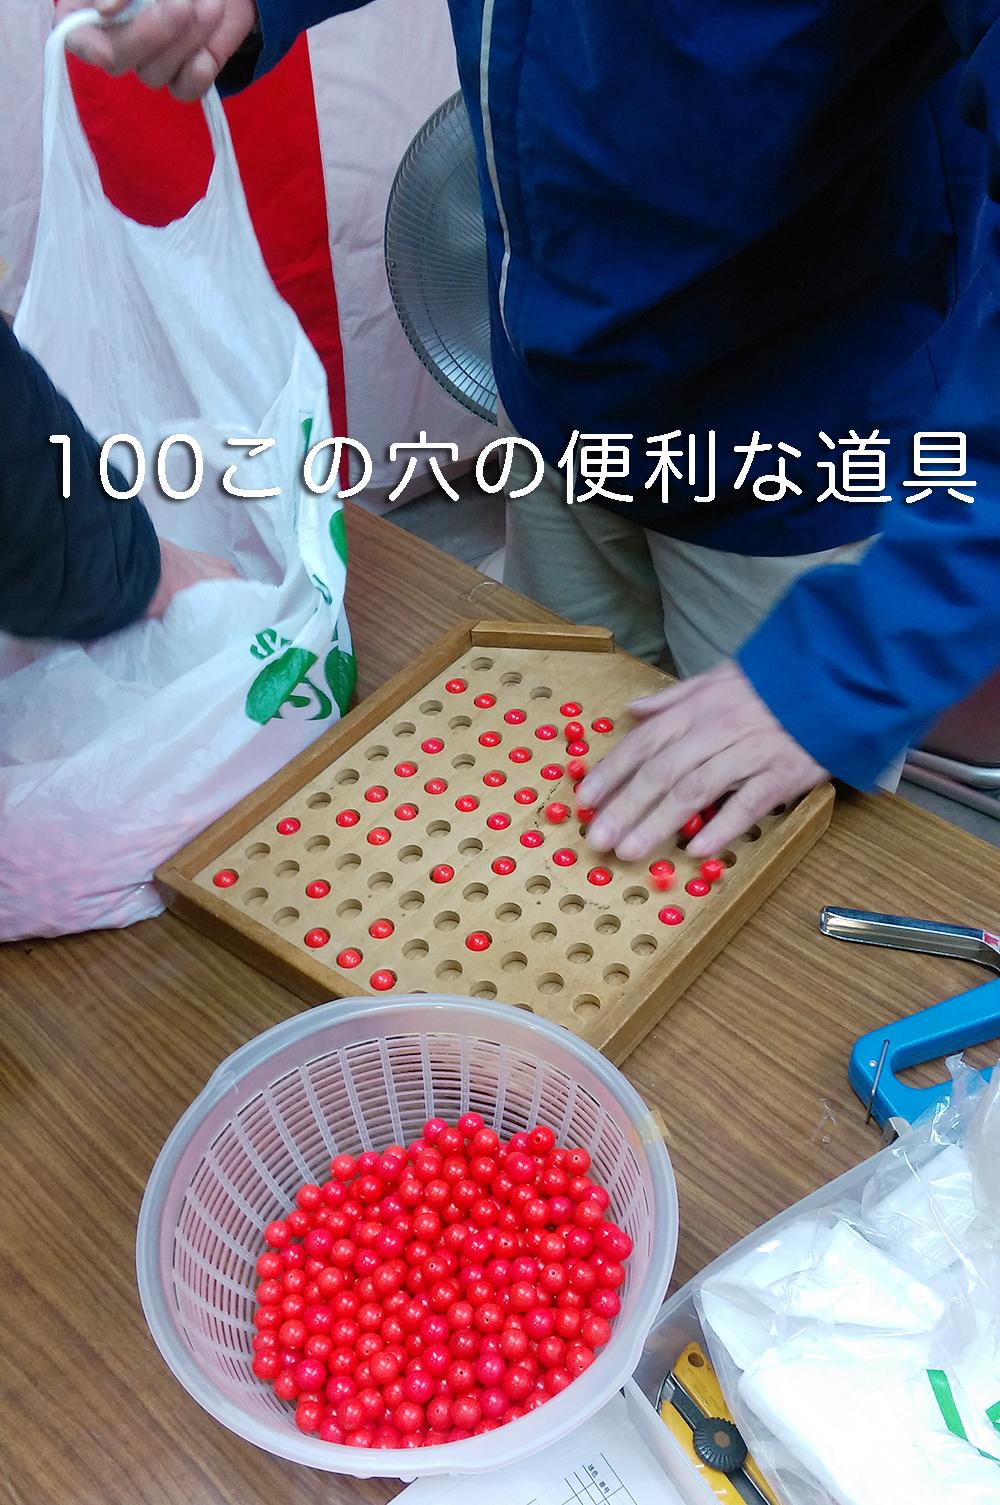 100この穴の便利な道具